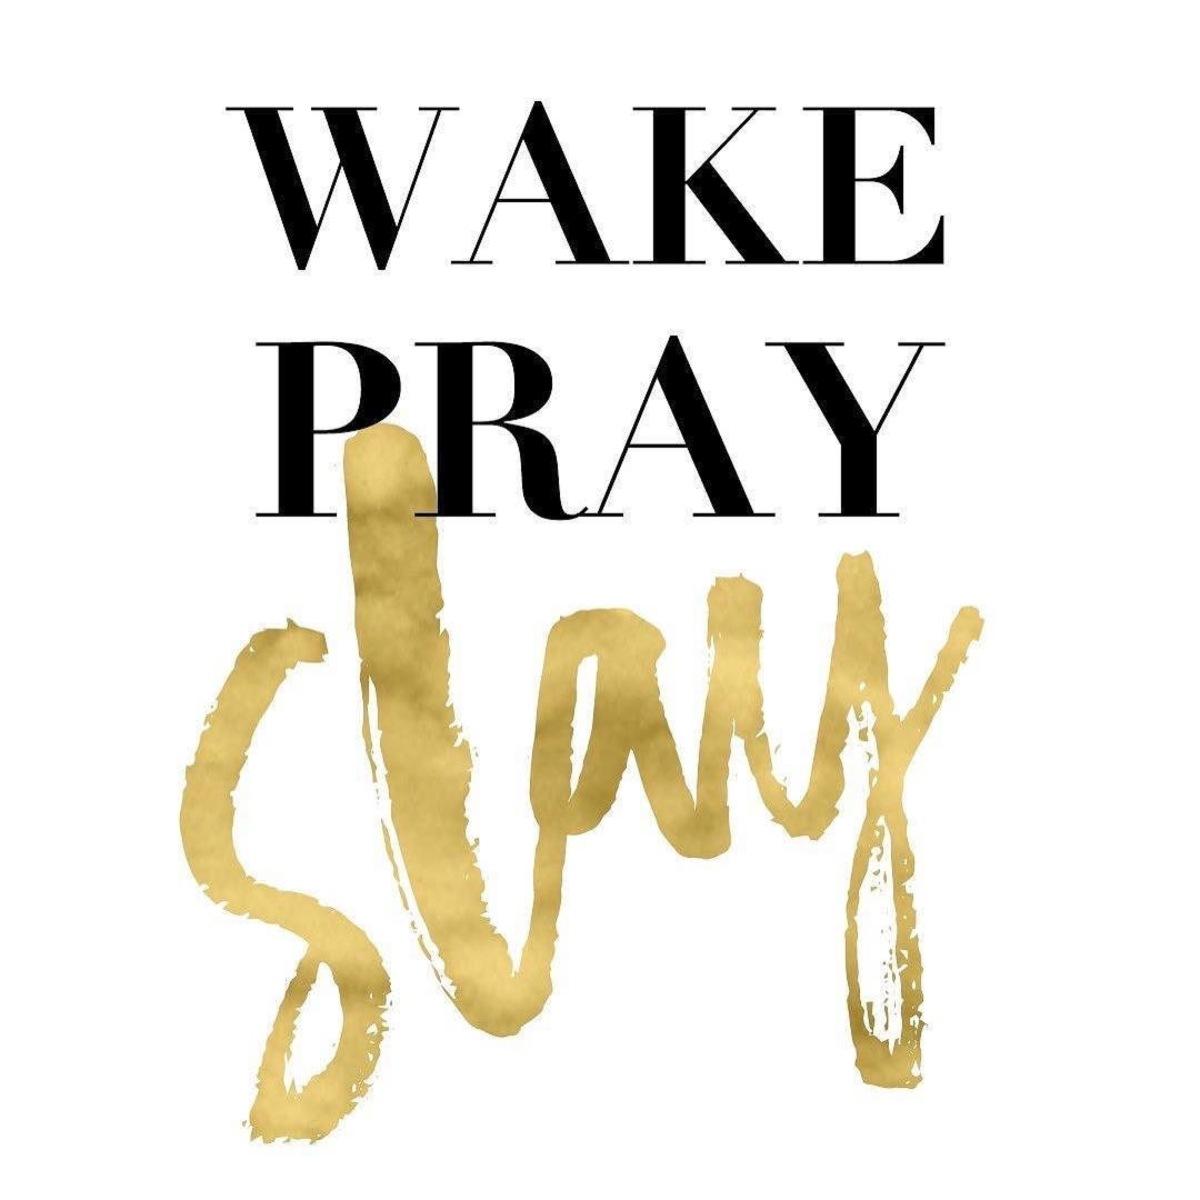 Wake, Pray, Slay